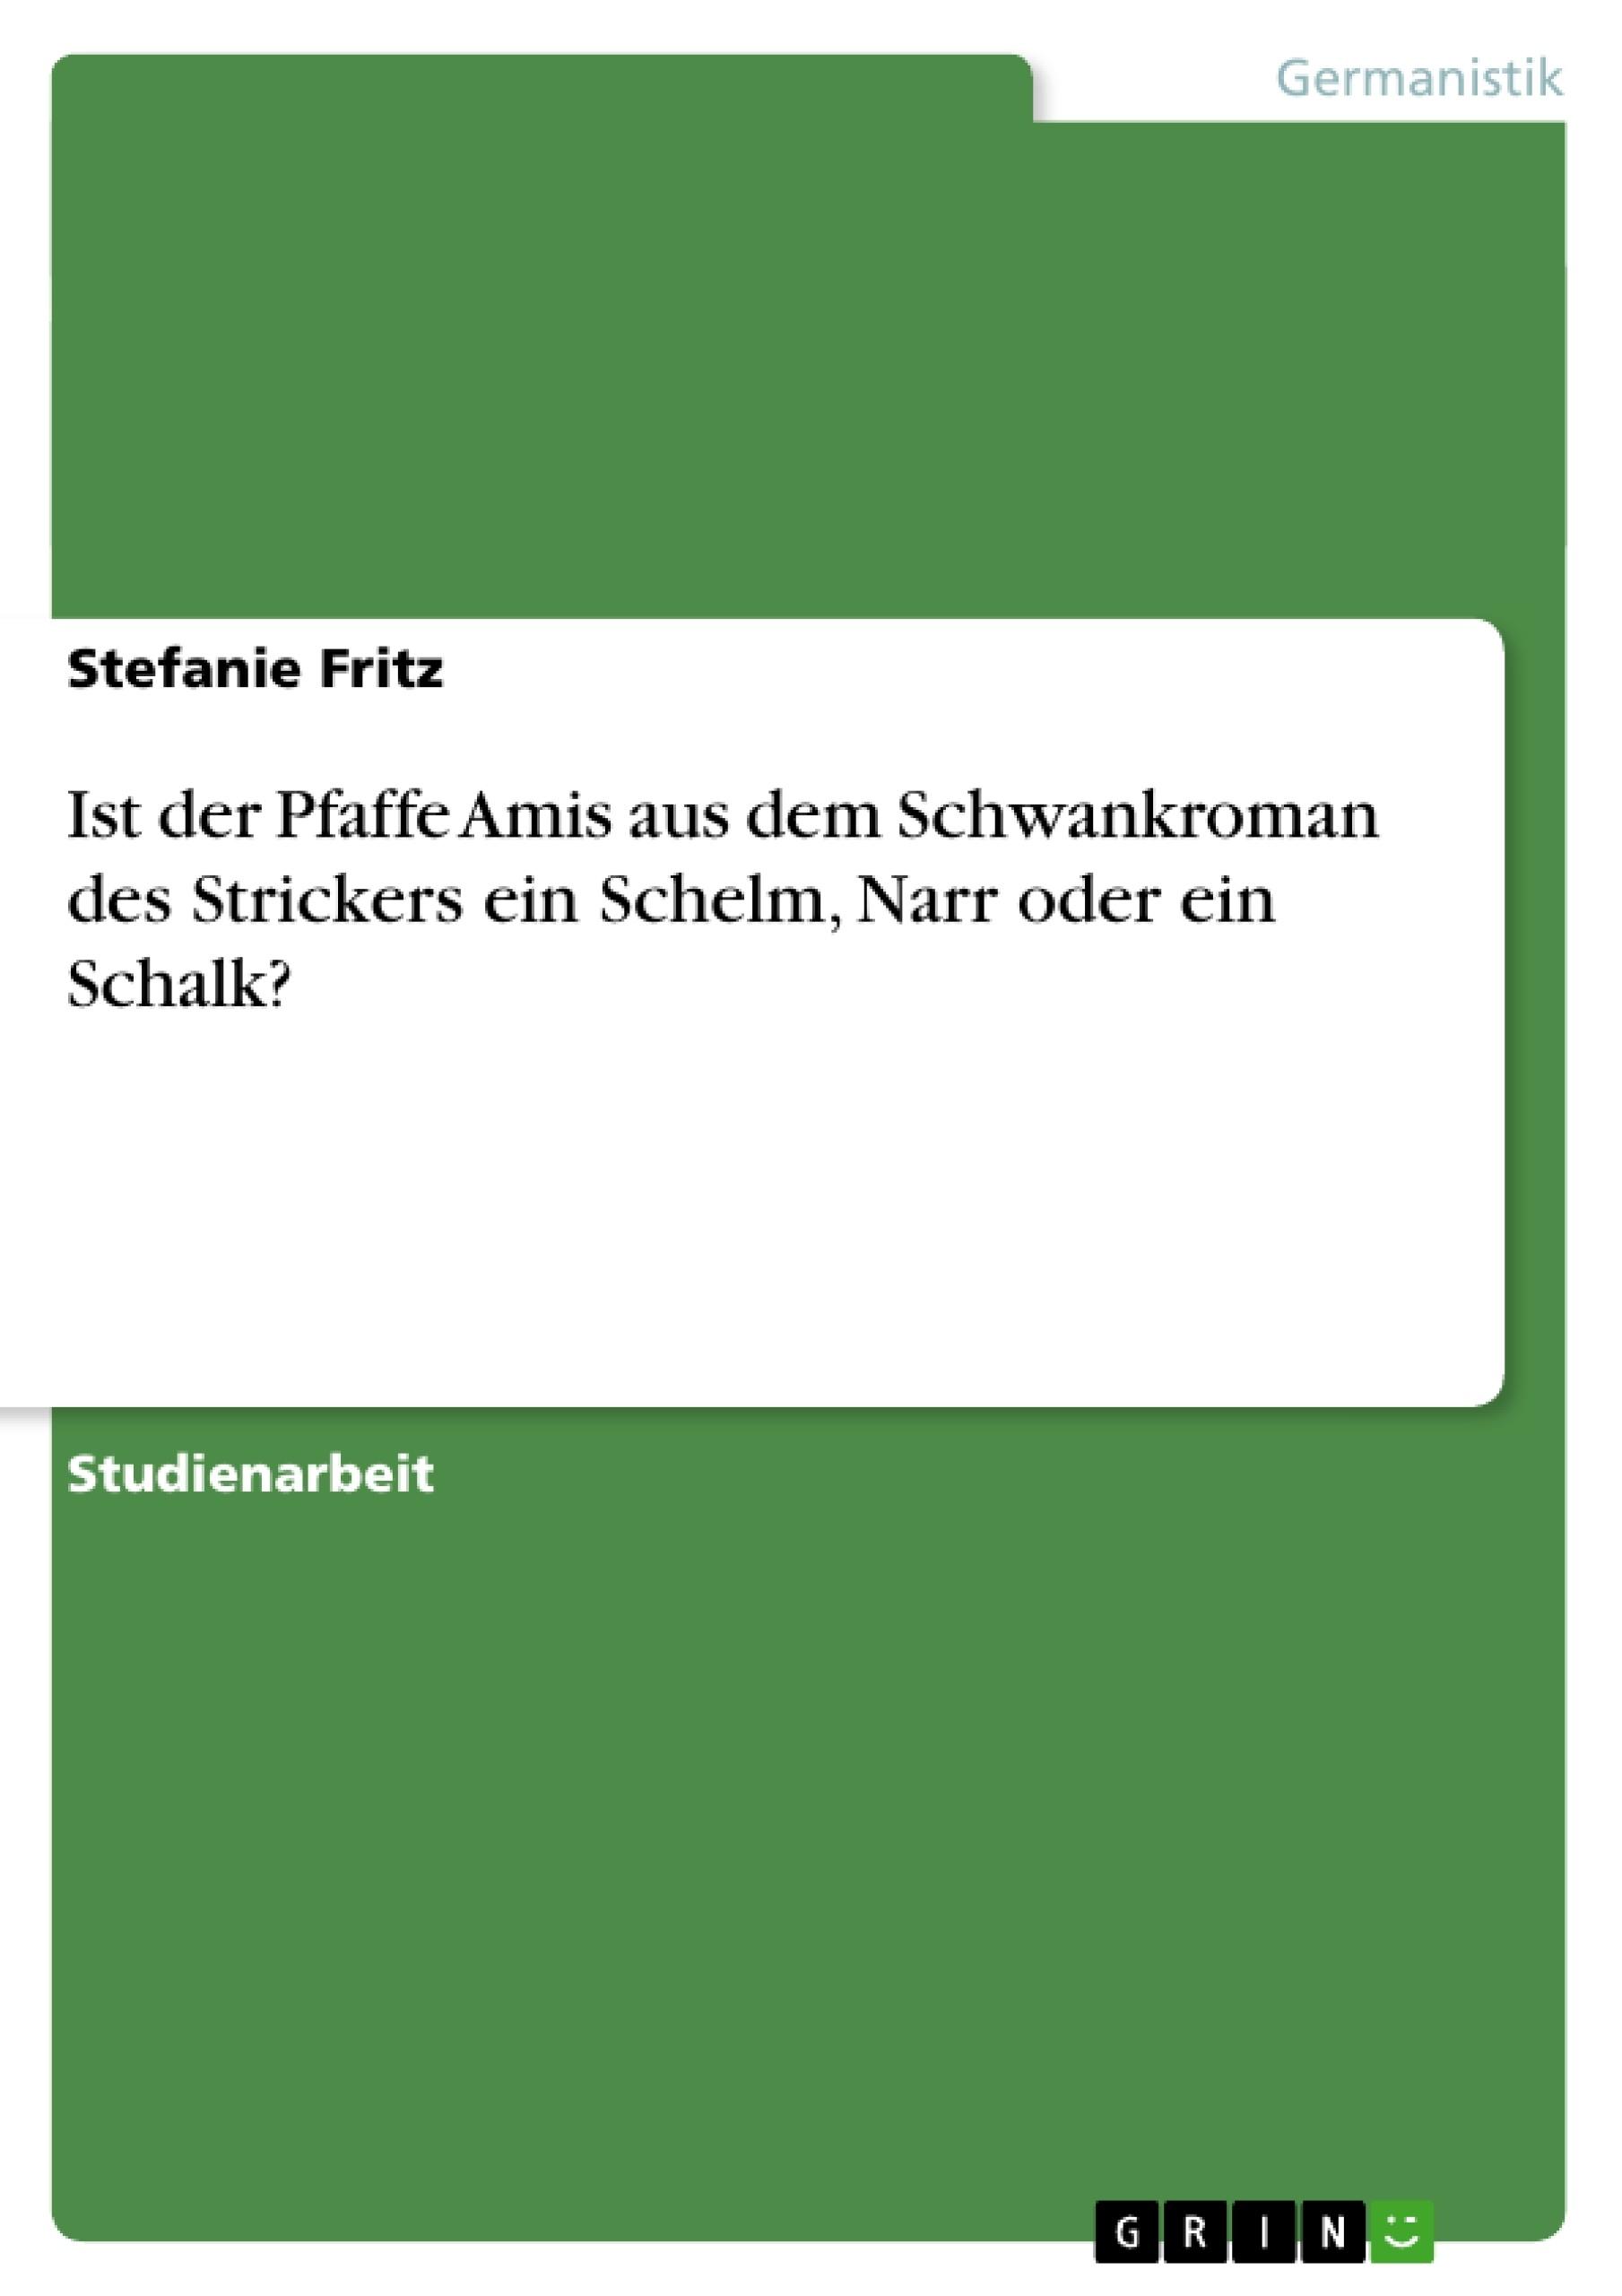 Titel: Ist der Pfaffe Amis aus dem Schwankroman des Strickers ein Schelm, Narr oder ein Schalk?